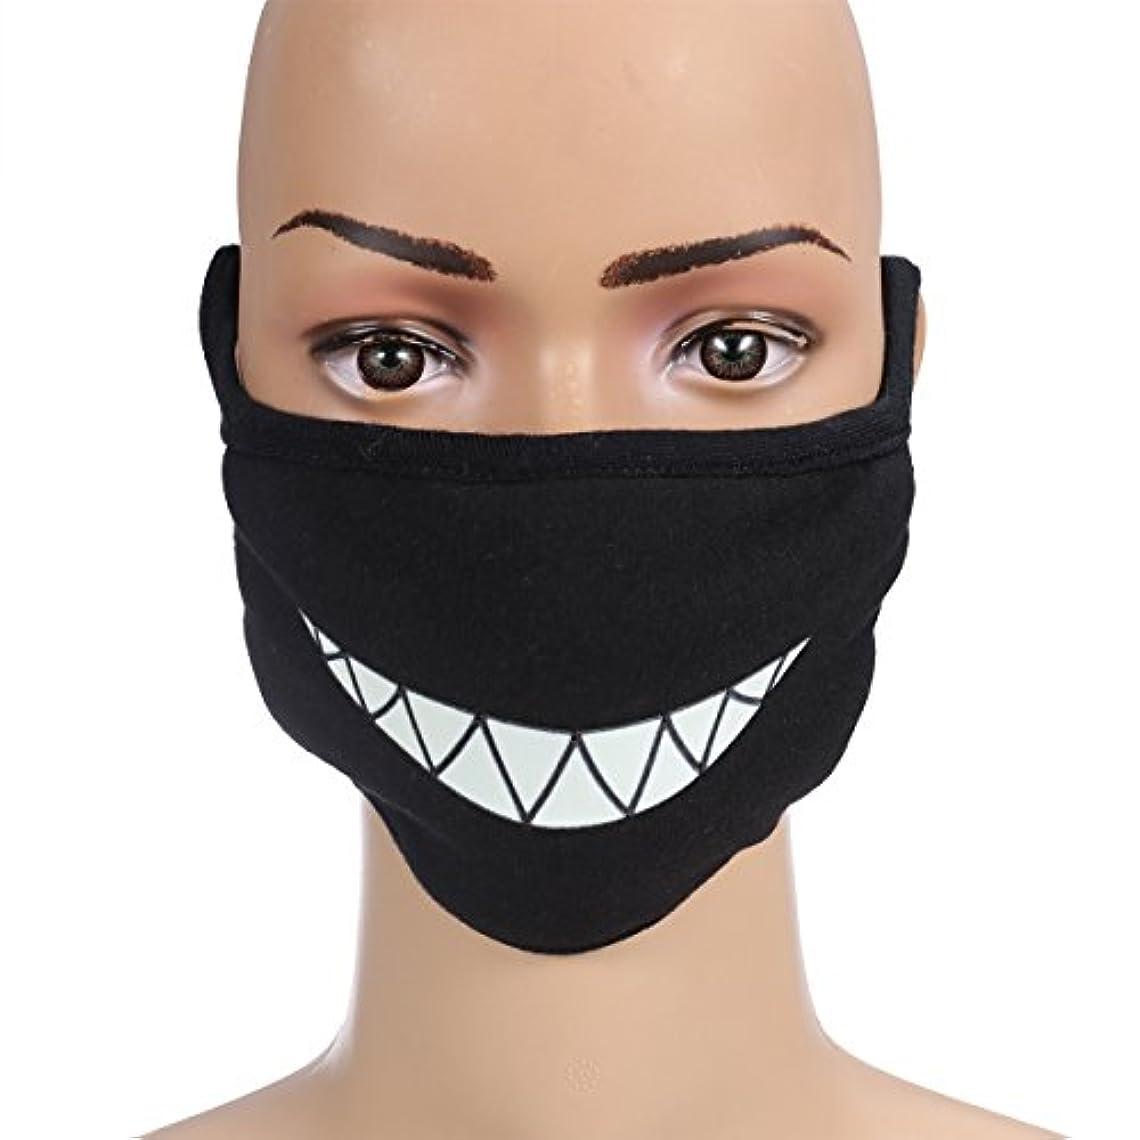 活力暗殺者大声でToyvian ハロウィンコスプレ用防塵口マスク綿の歯発光口マスク